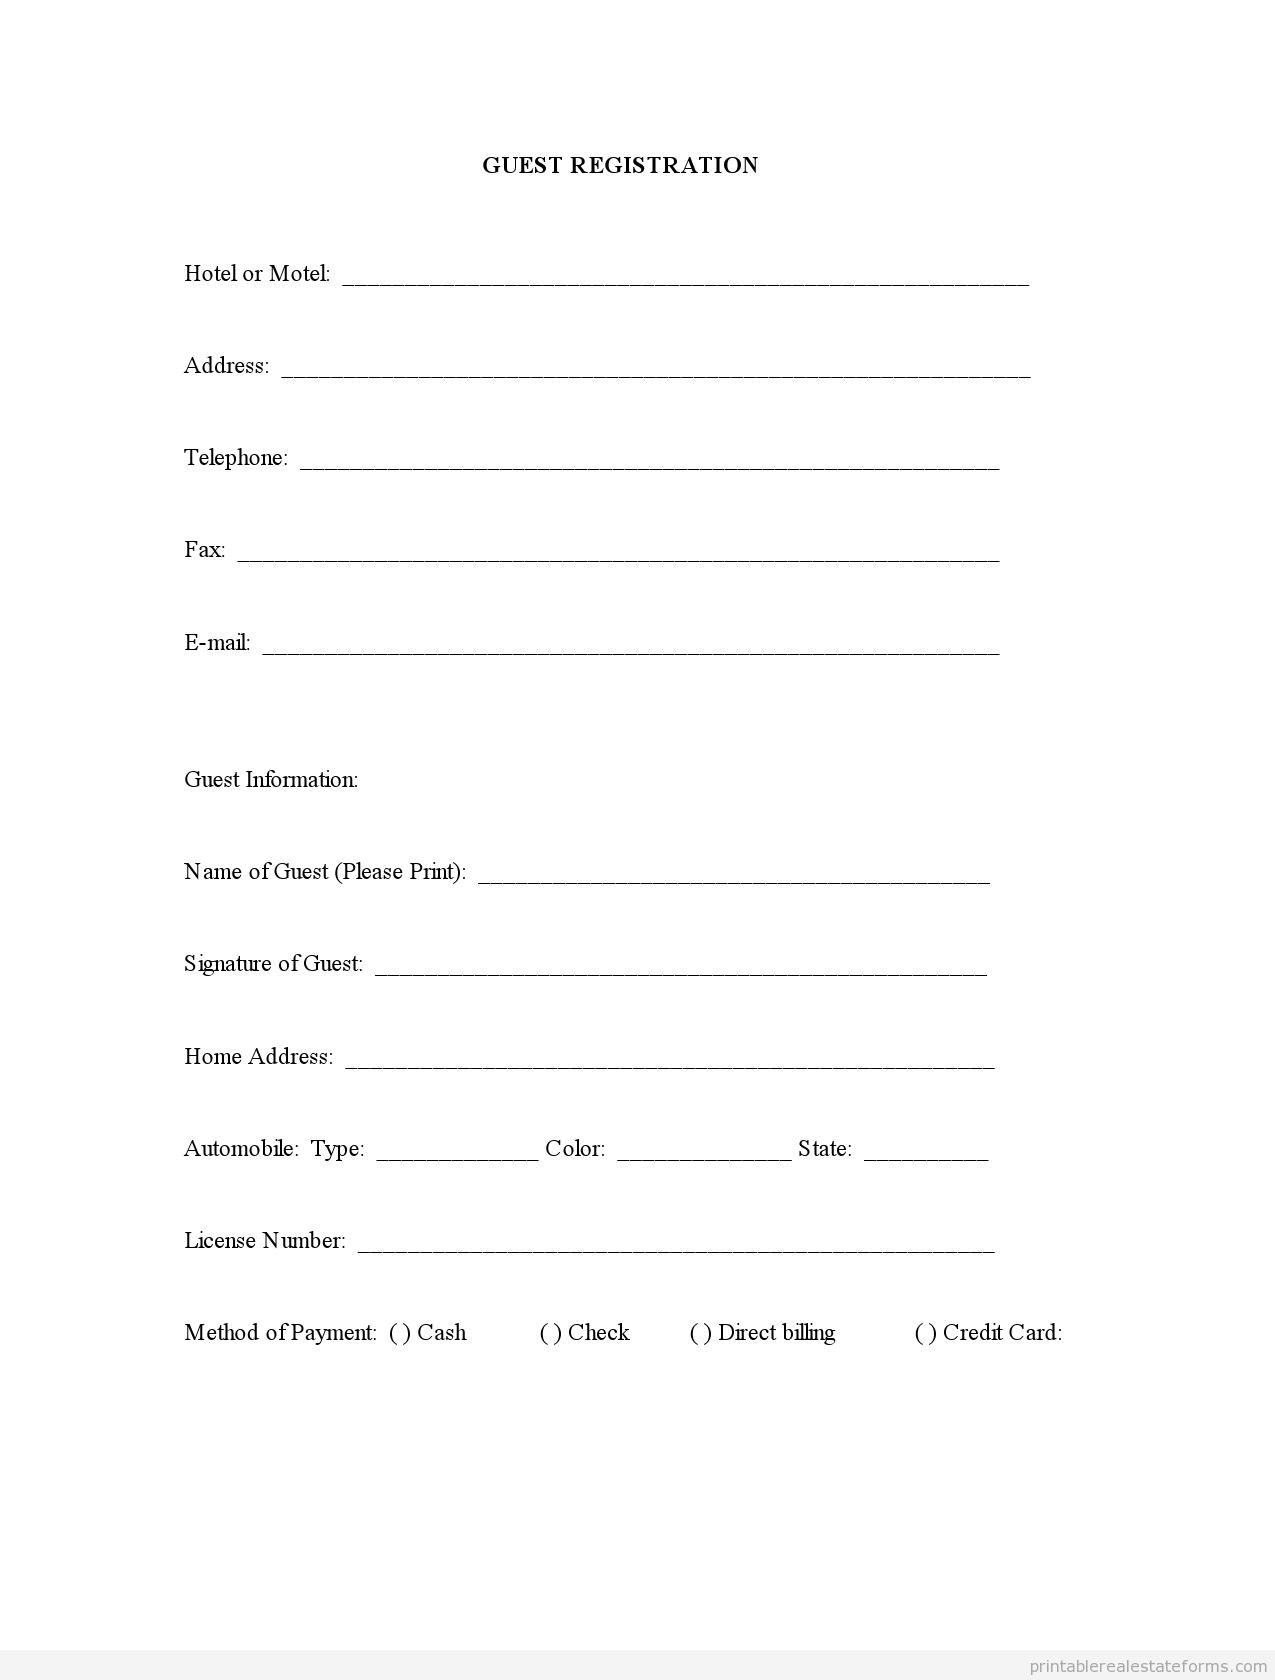 Sample Printable Guest Registration Form